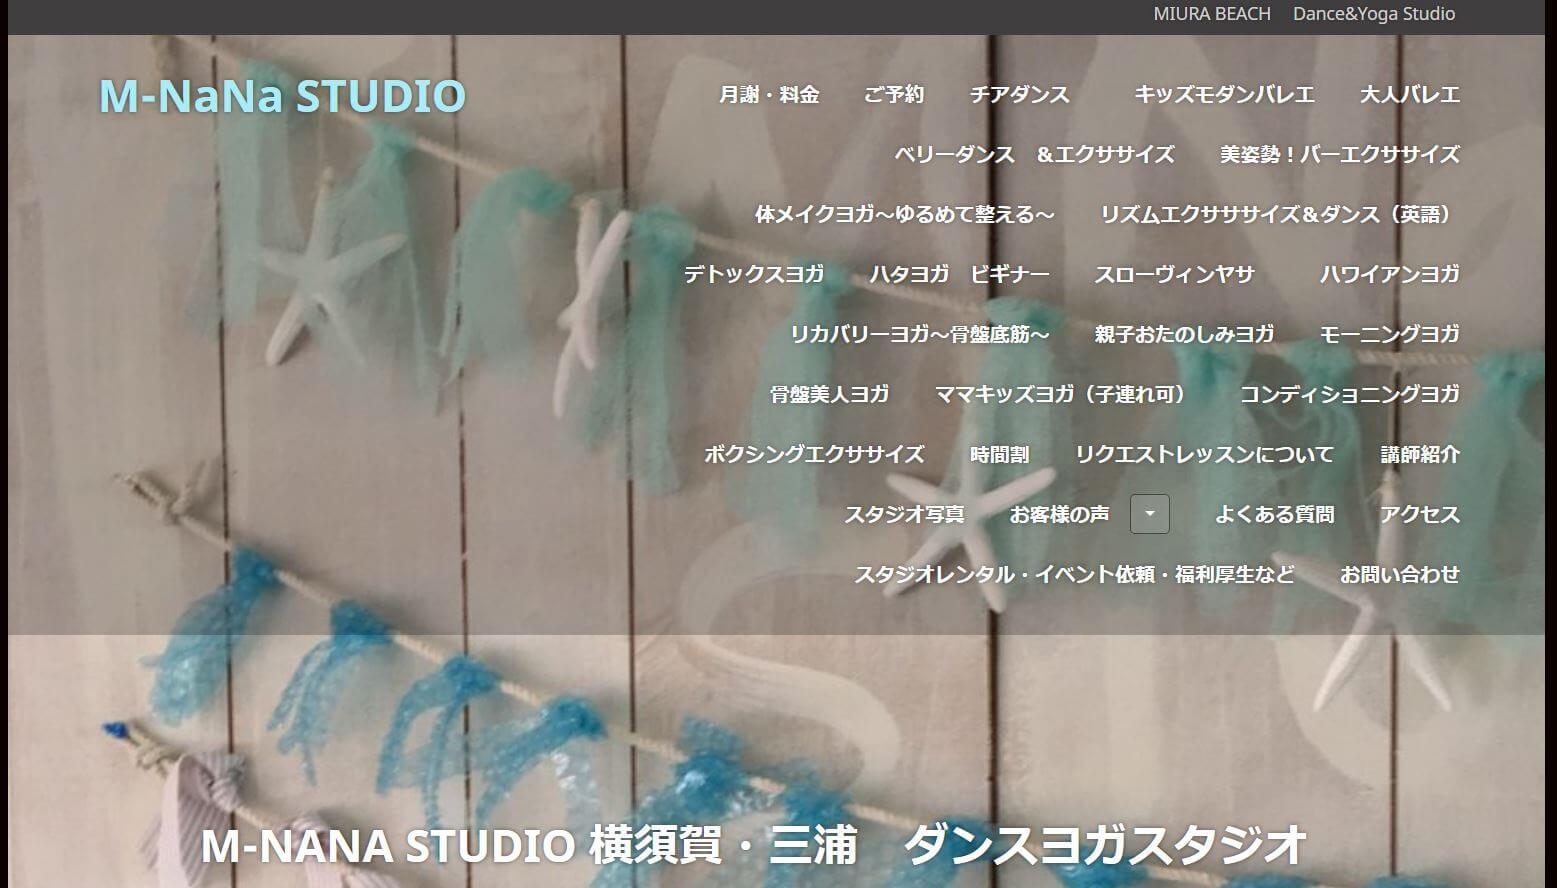 M-NaNa STUDIO